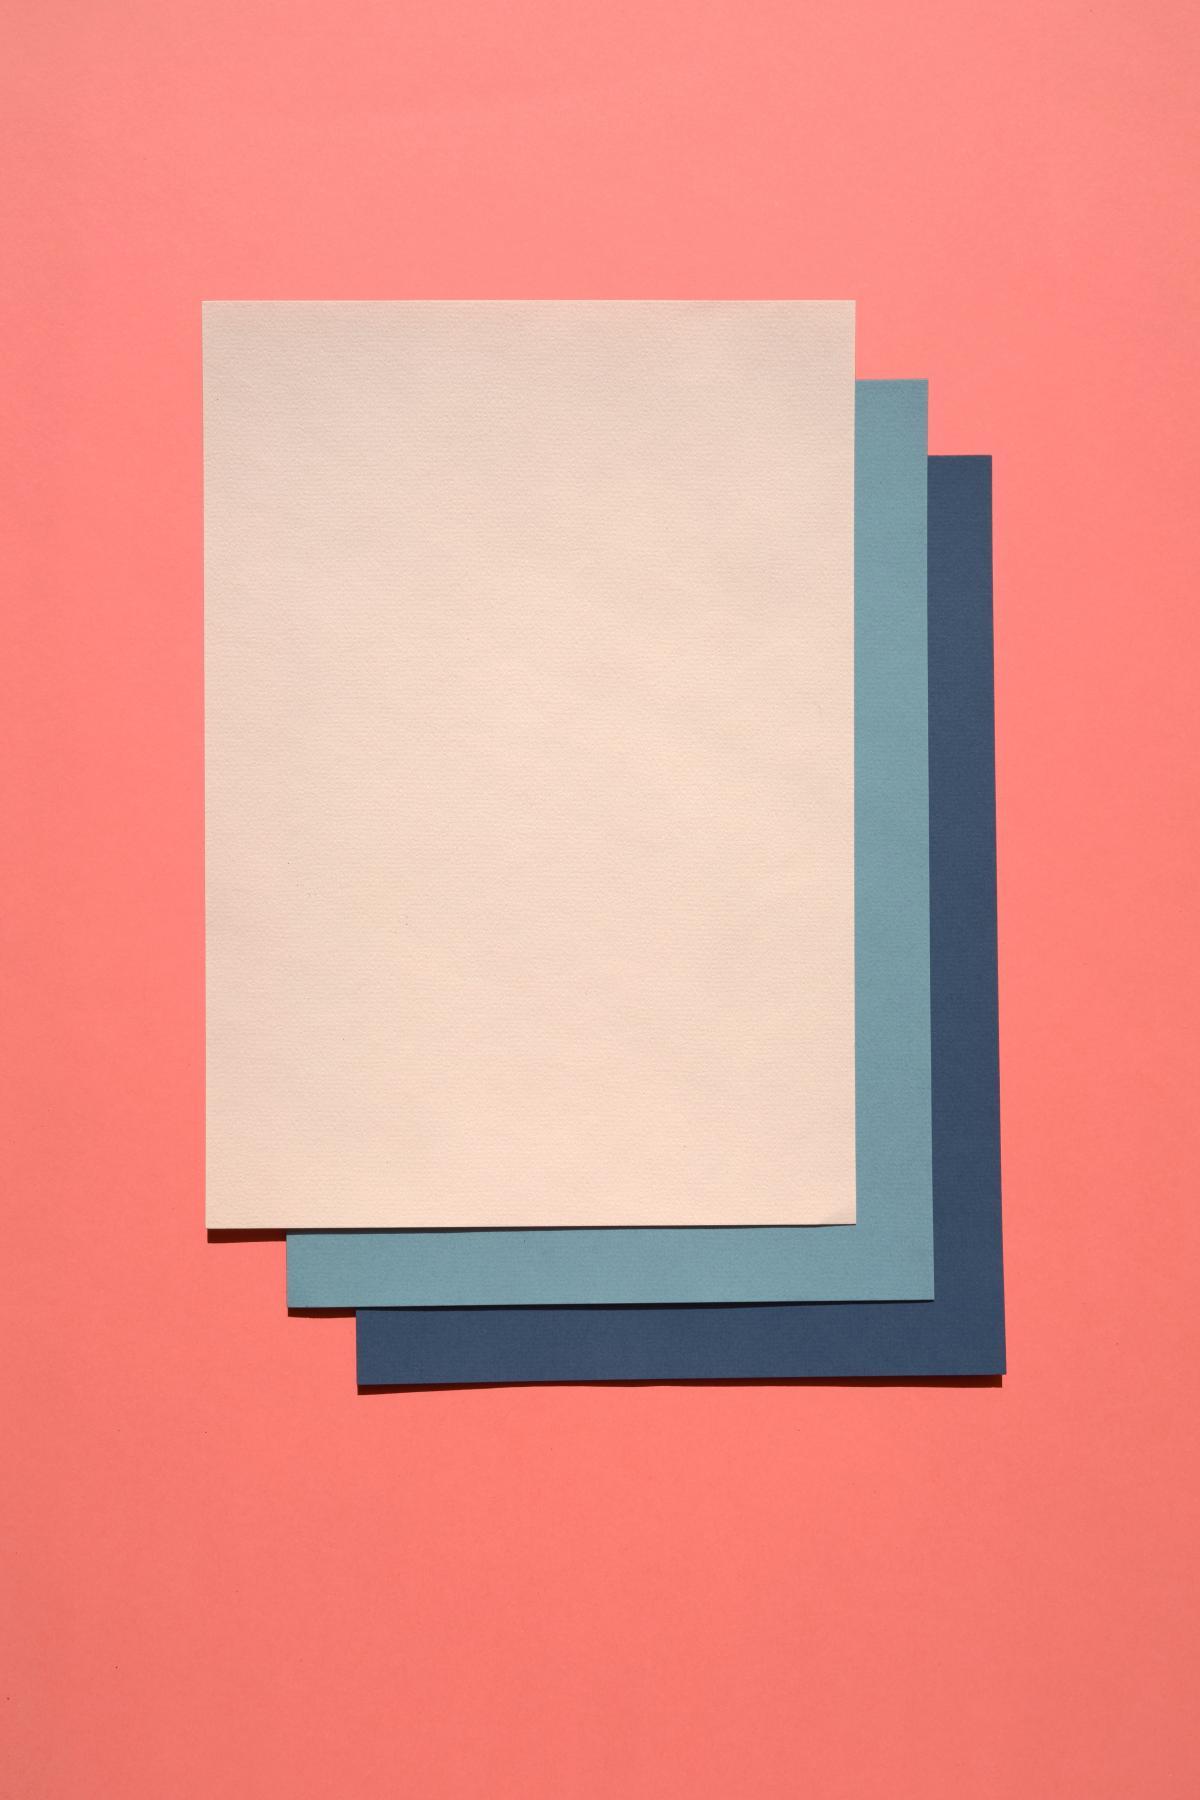 Blank Paper Empty